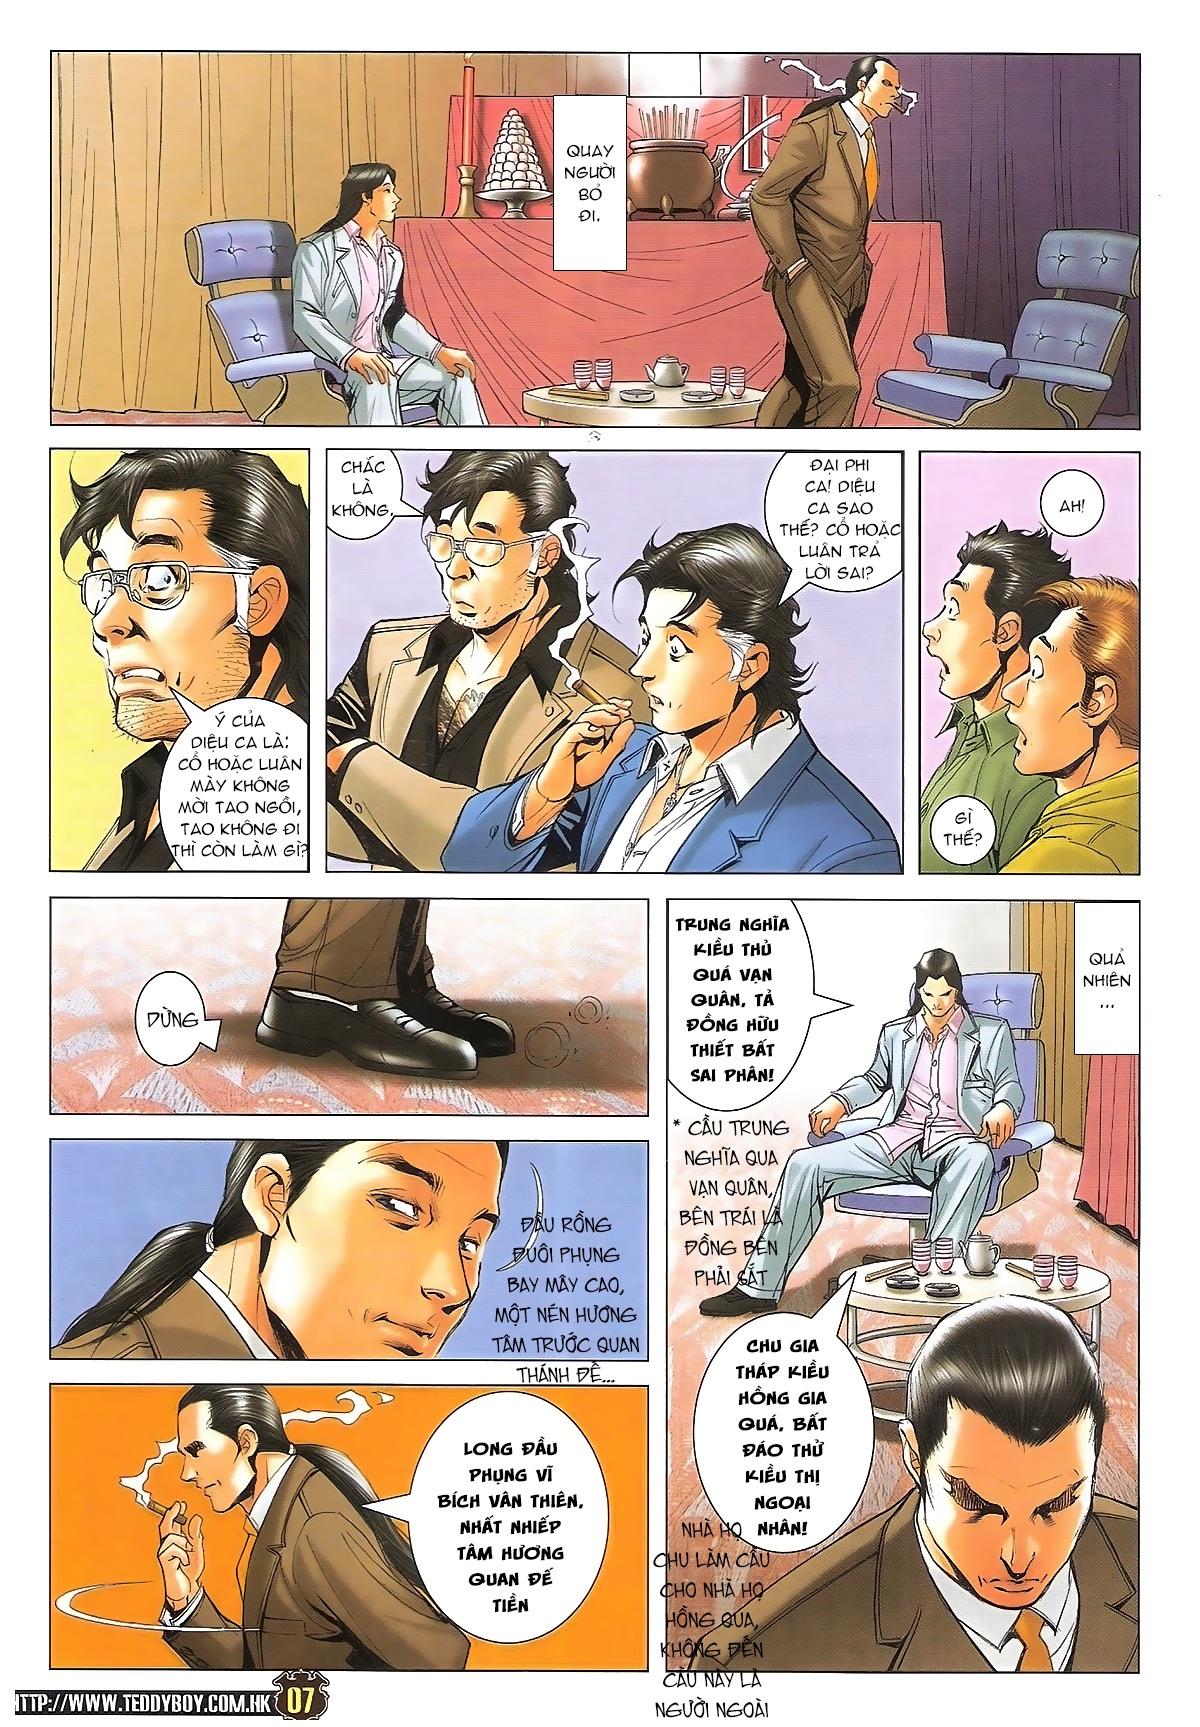 Người Trong Giang Hồ - Ngũ Hổ qui thiên - Chapter 1716: Đàm phán siêu cấp 2 - Pic 5